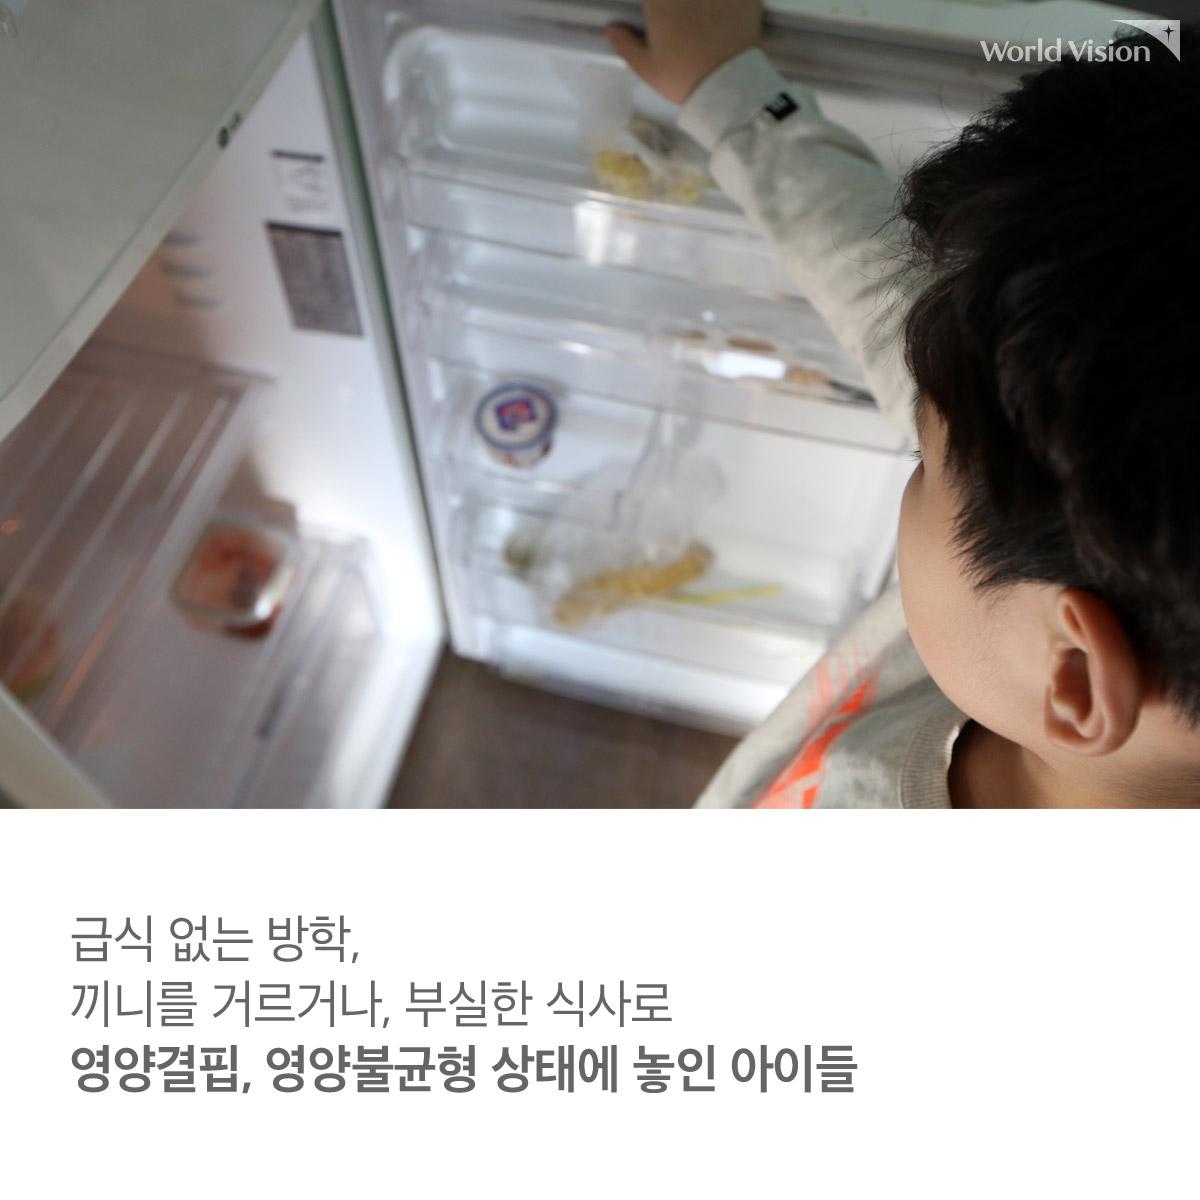 급식 없는 방학, 끼니를 거르거나, 부실한 식사로 영양결핍, 영양불균형 상태에 놓인 아이들